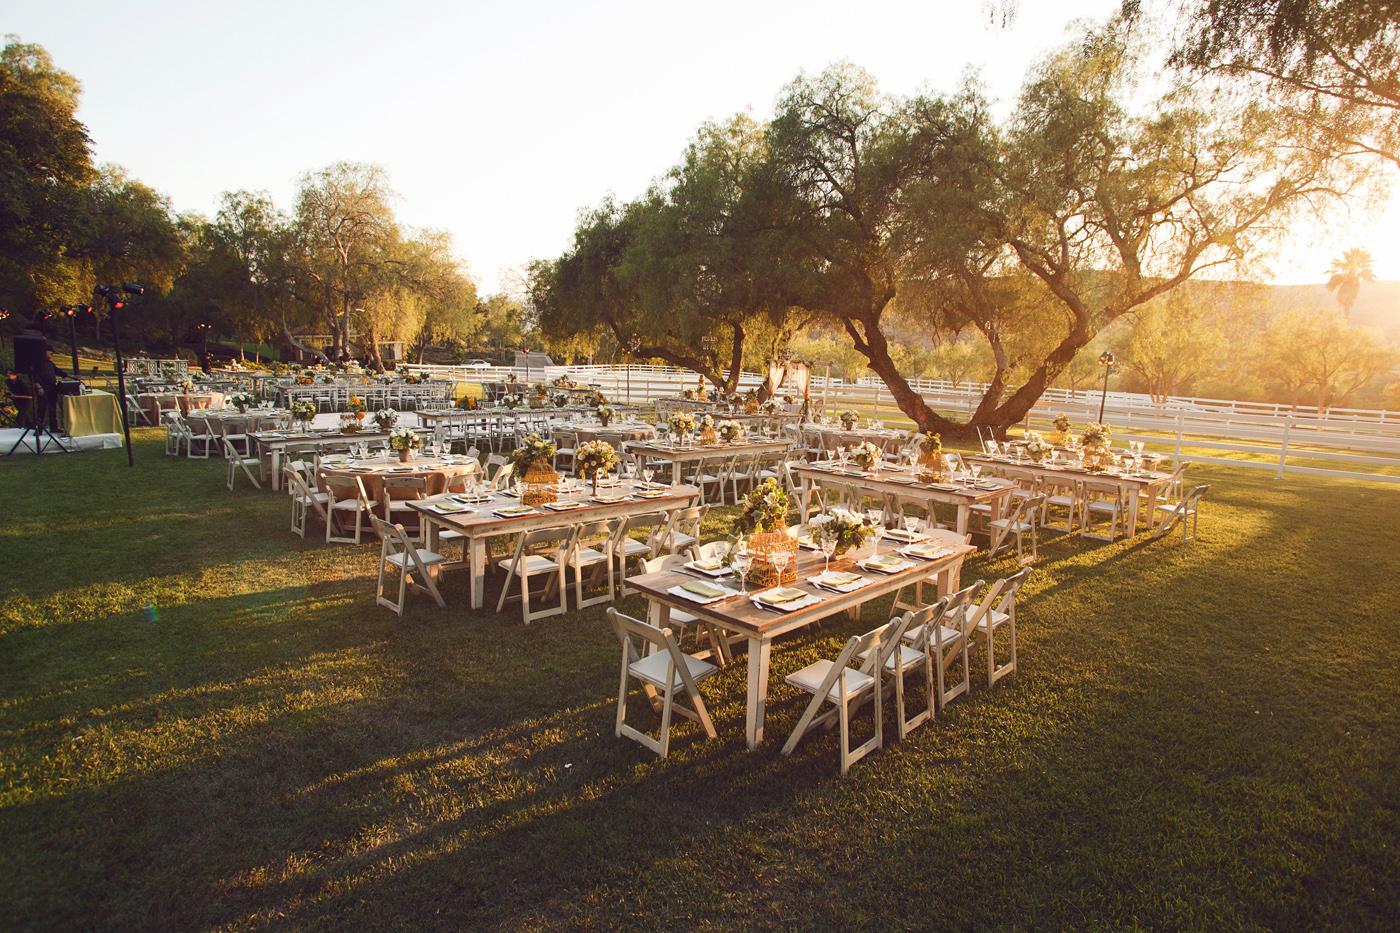 001_DukePhotography_DukeImages_Wedding_Details.jpg